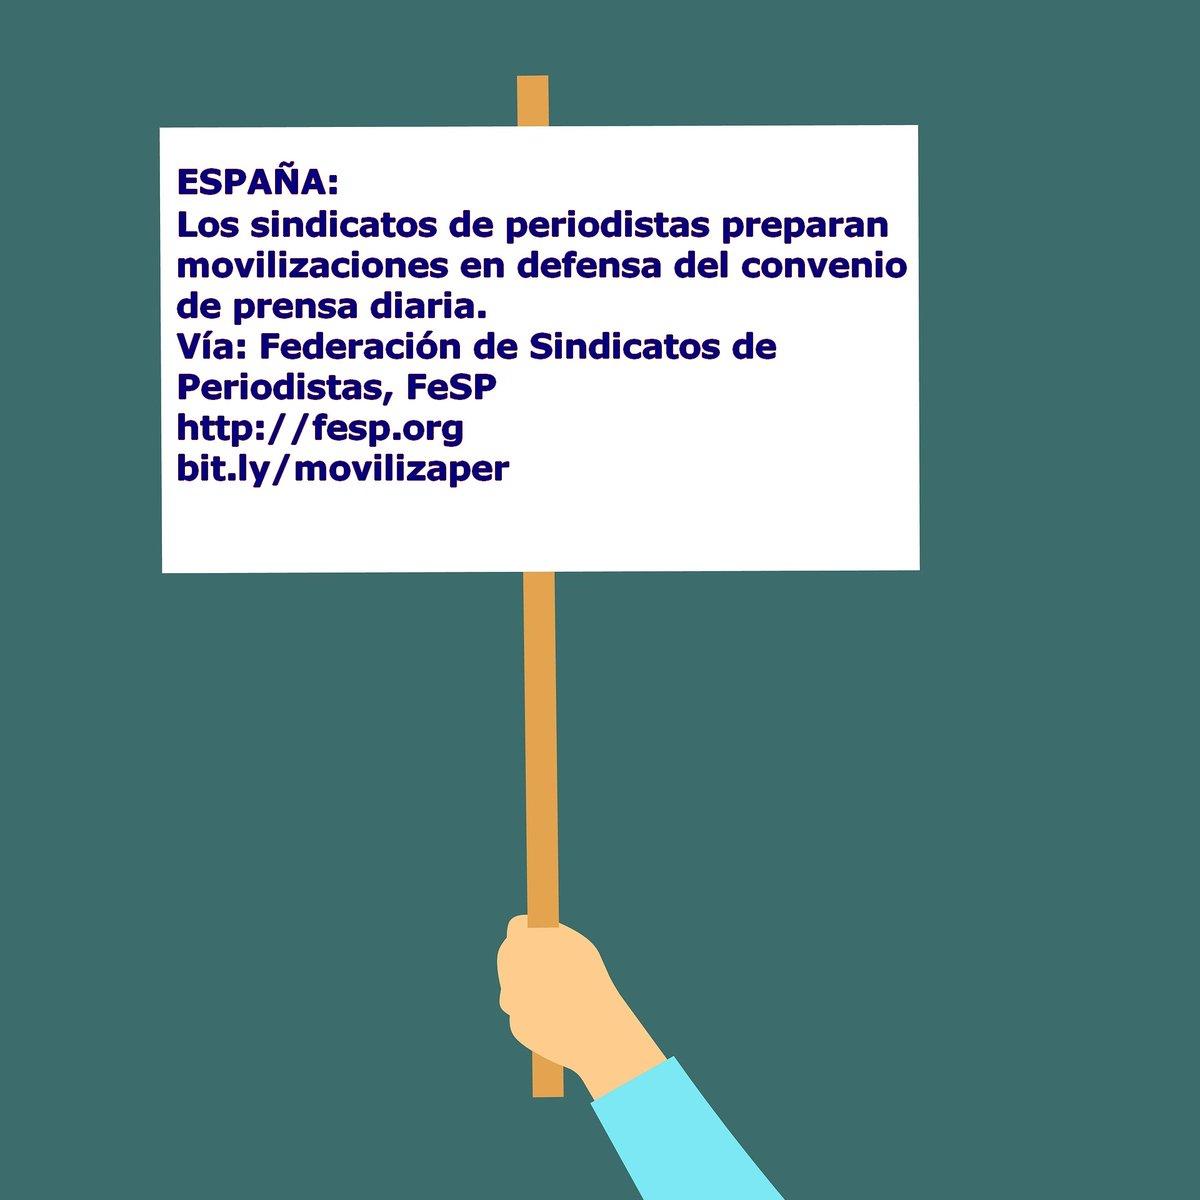 #España: Los #sindicatos de #periodistas #SindicatosDePeriodistas preparan movilizaciones en defensa del convenio de #prensa diaria #Periodismo #PerioDigno #PrensaDiaria #Salarios #Empleo #Precariedad. Vía: @FeSPeriodistas http://bit.ly/movilizaper